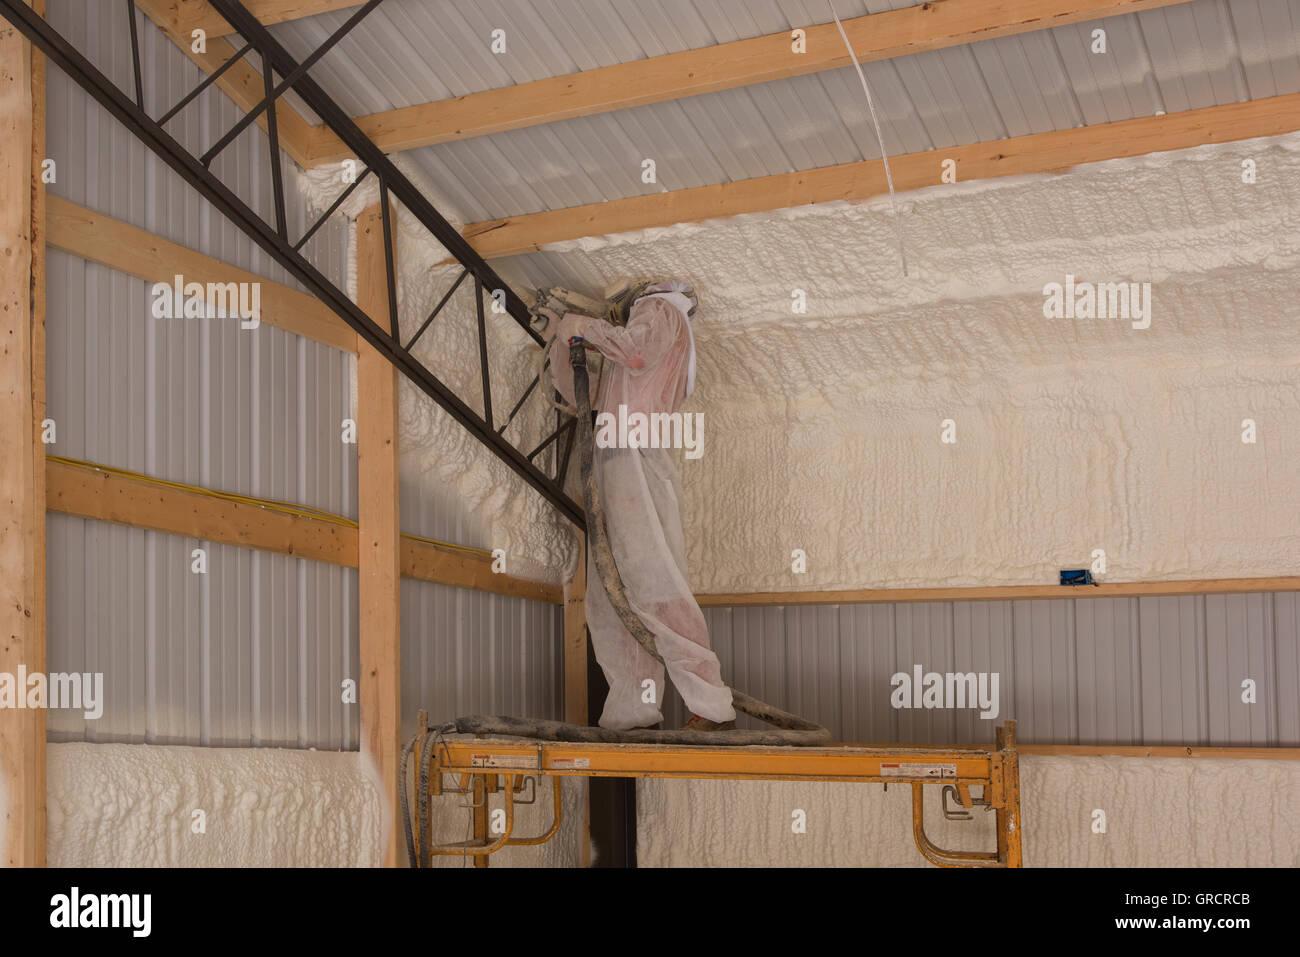 Un técnico de aislamiento de espuma de célula abierta se aplica a una estructura del interior para el Imagen De Stock